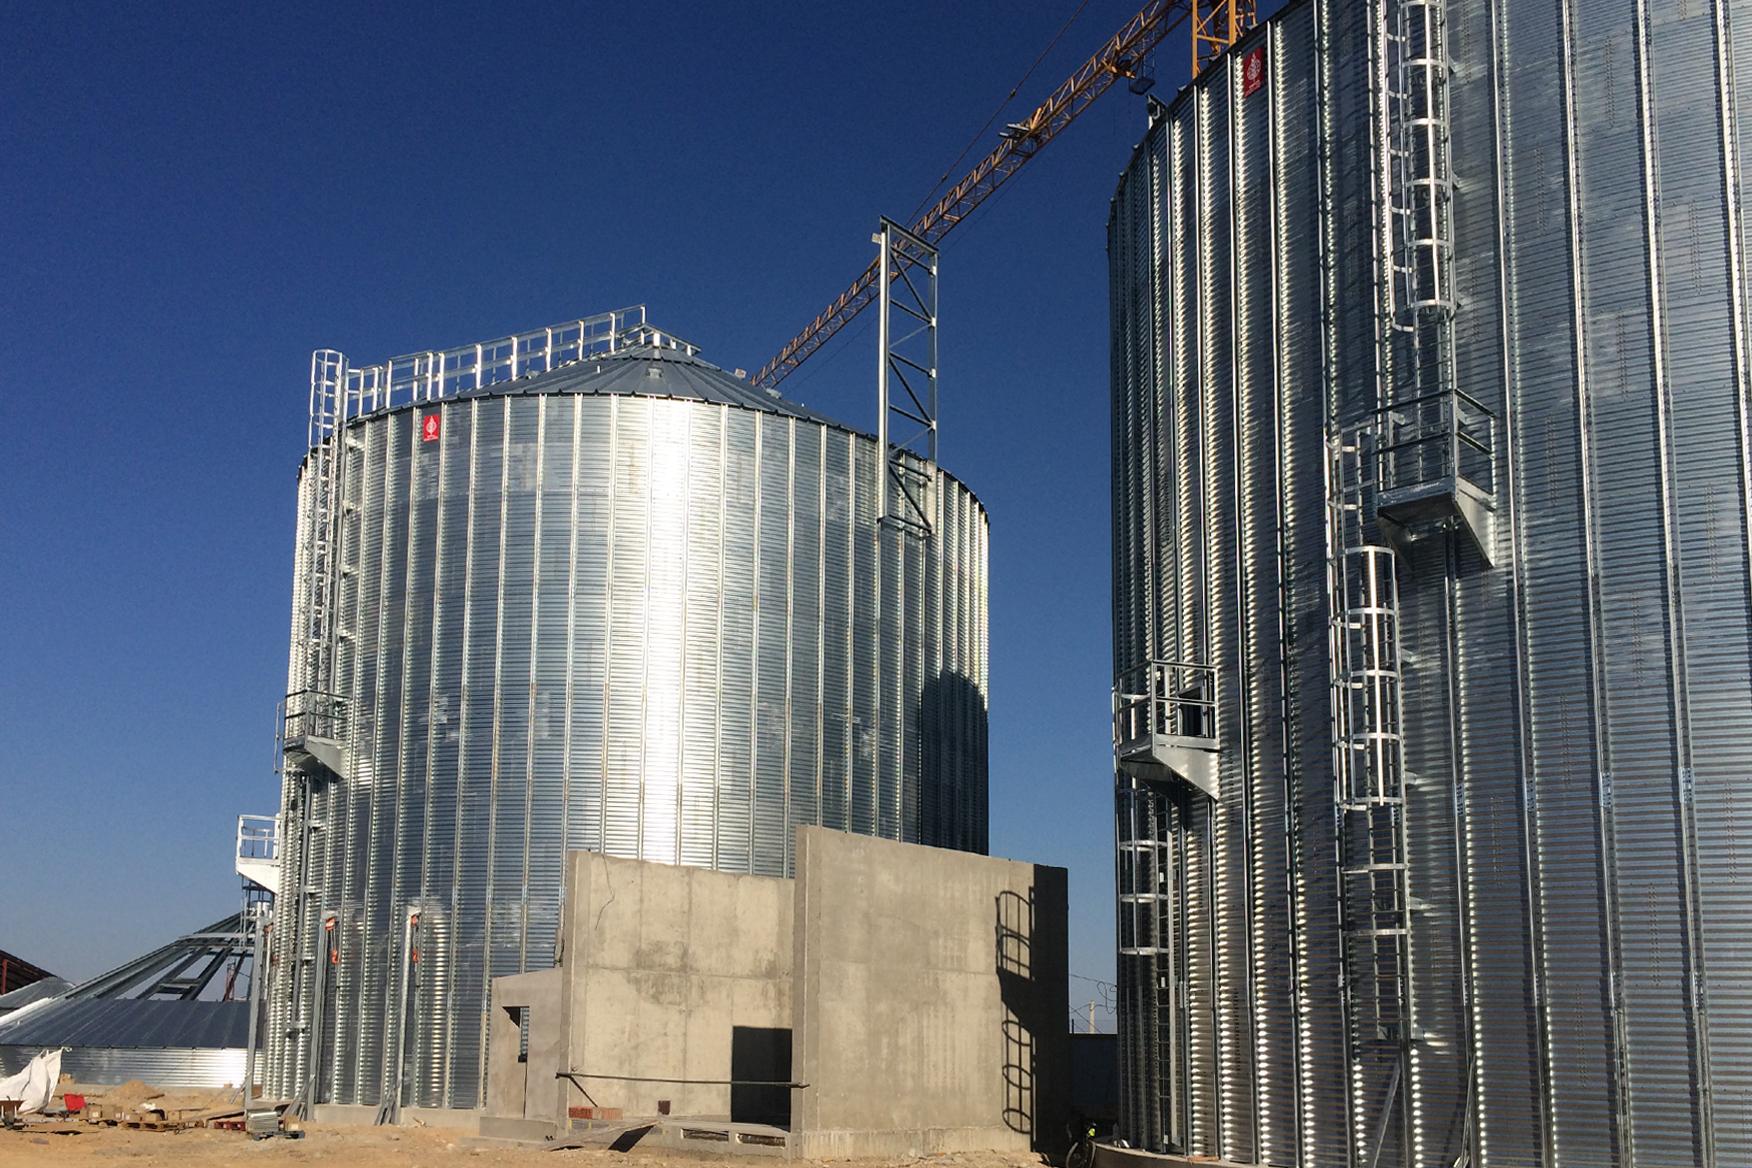 2015. Silos almacenamiento cereal Lleida